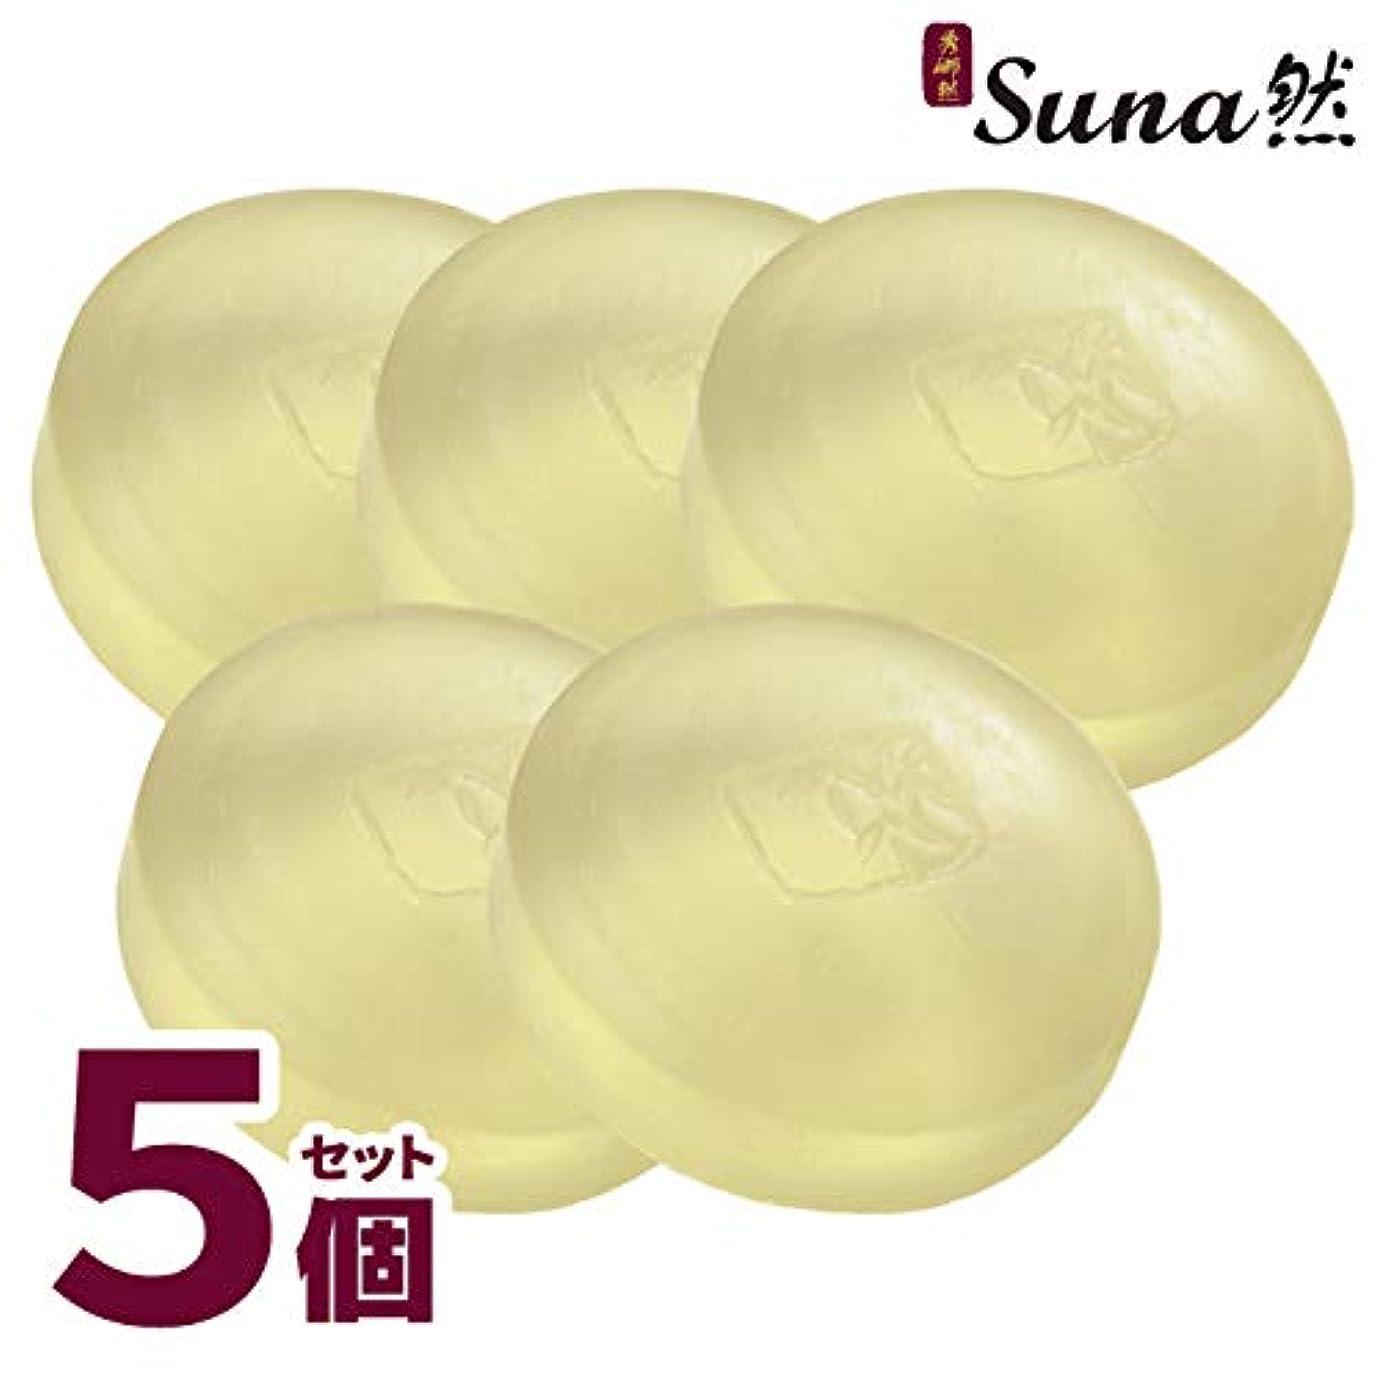 アジア侵入する腰スナヨン石鹸 Iモイスチャー5個セット